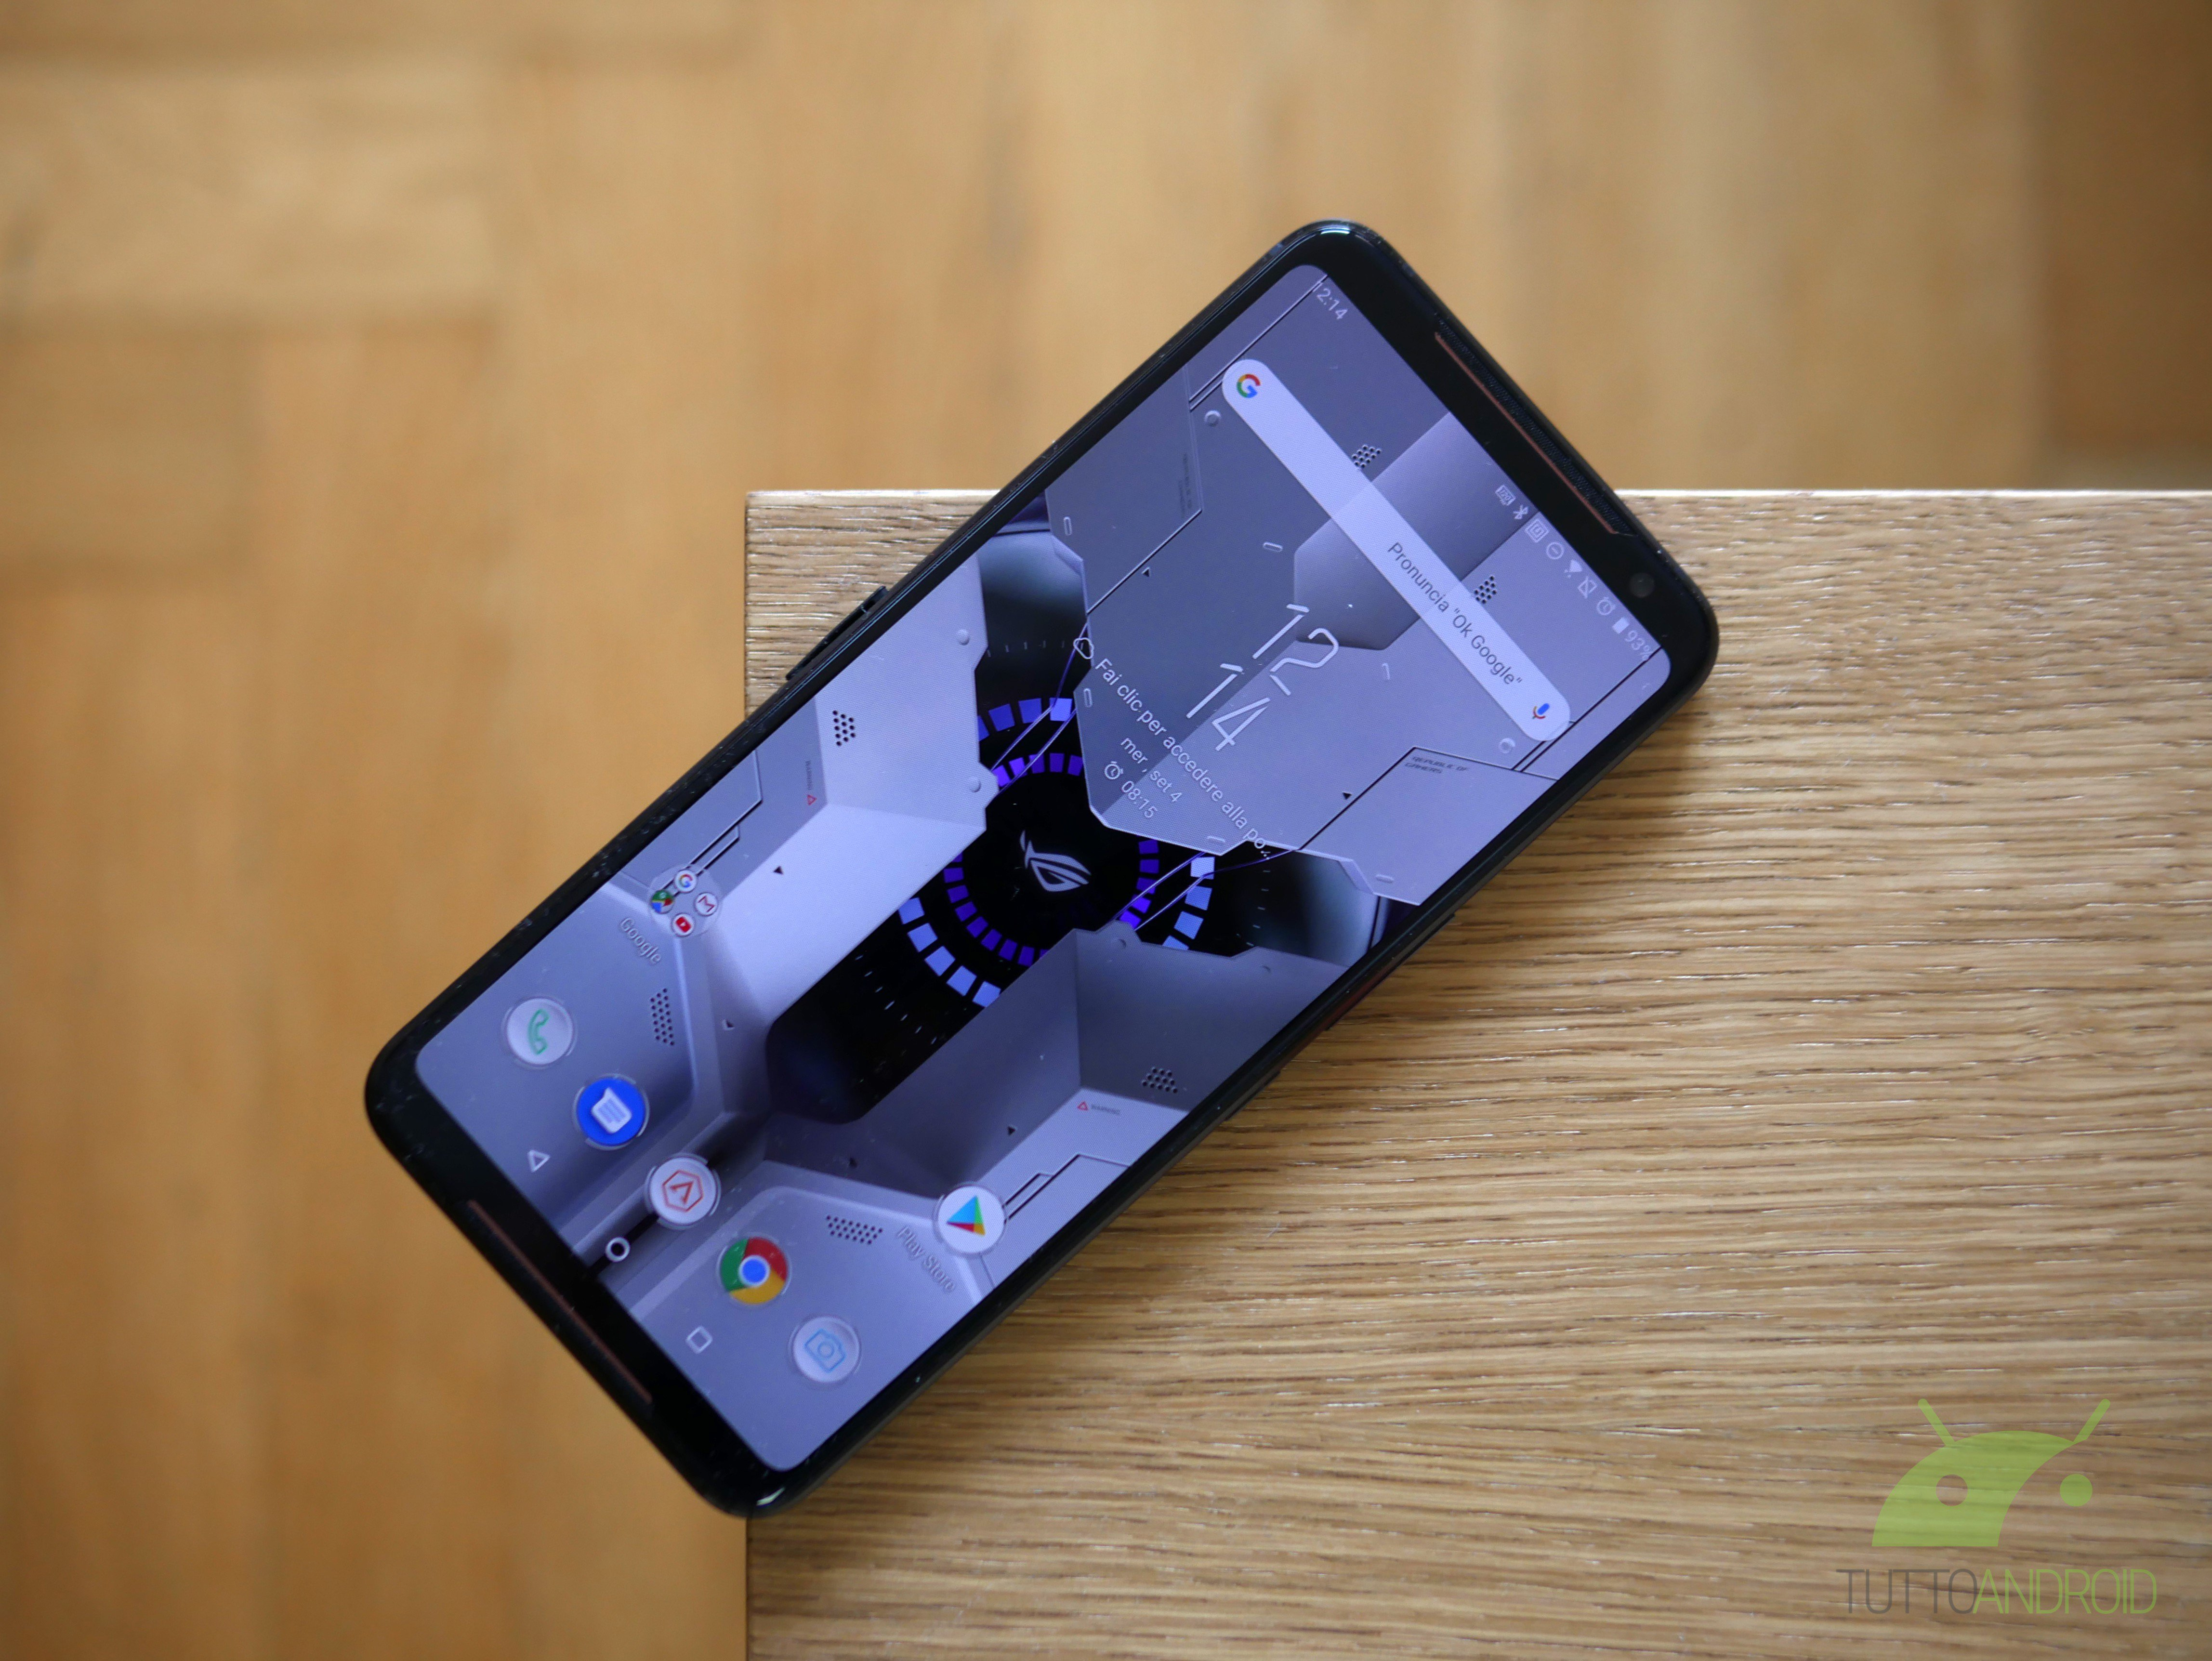 Tinjau ASUS ROG Phone 2: teknik dan substansi membuatnya mendominasi 8